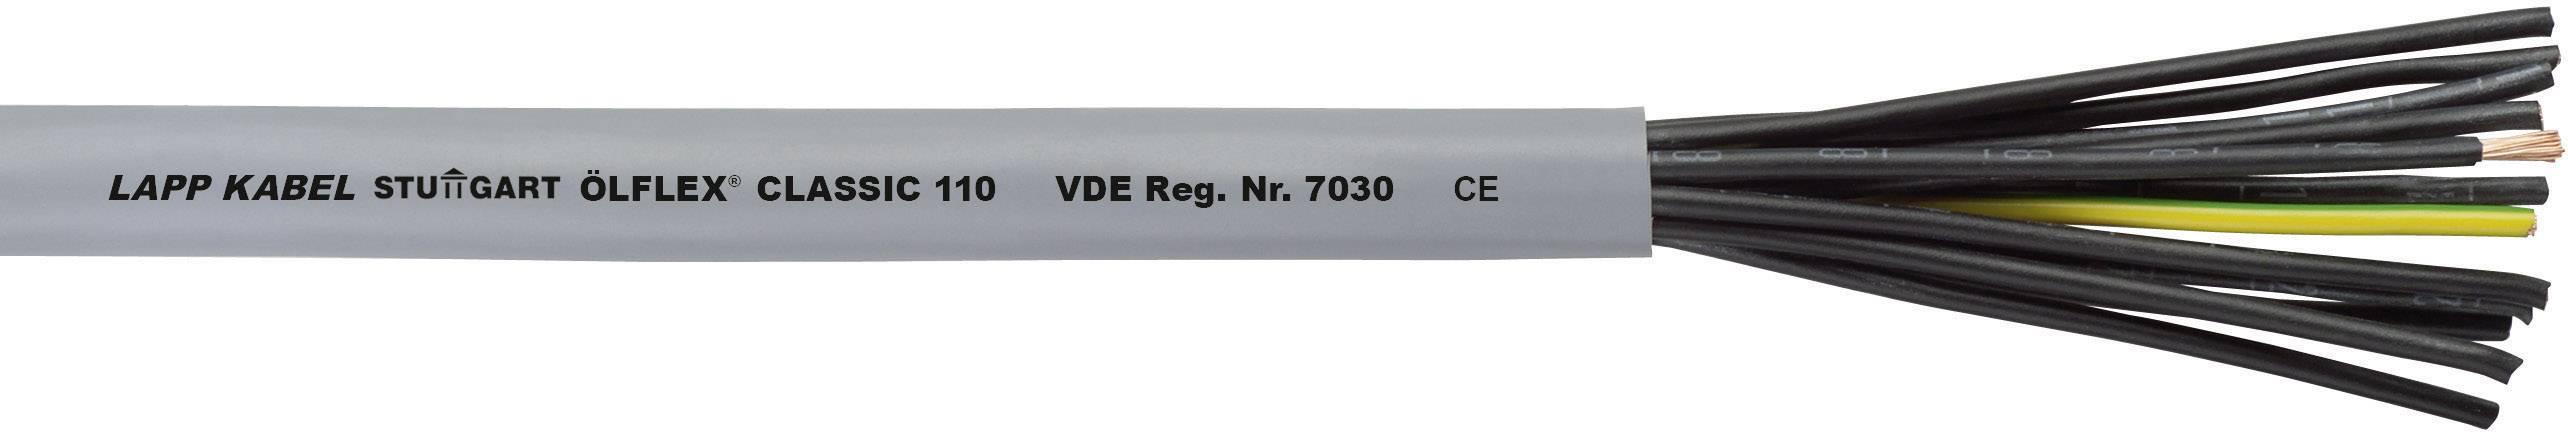 Riadiaci kábel LappKabel ÖLFLEX® CLASSIC 110 1119208, 8 G 1 mm², vonkajší Ø 9.50 mm, 500 V, metrový tovar, sivá